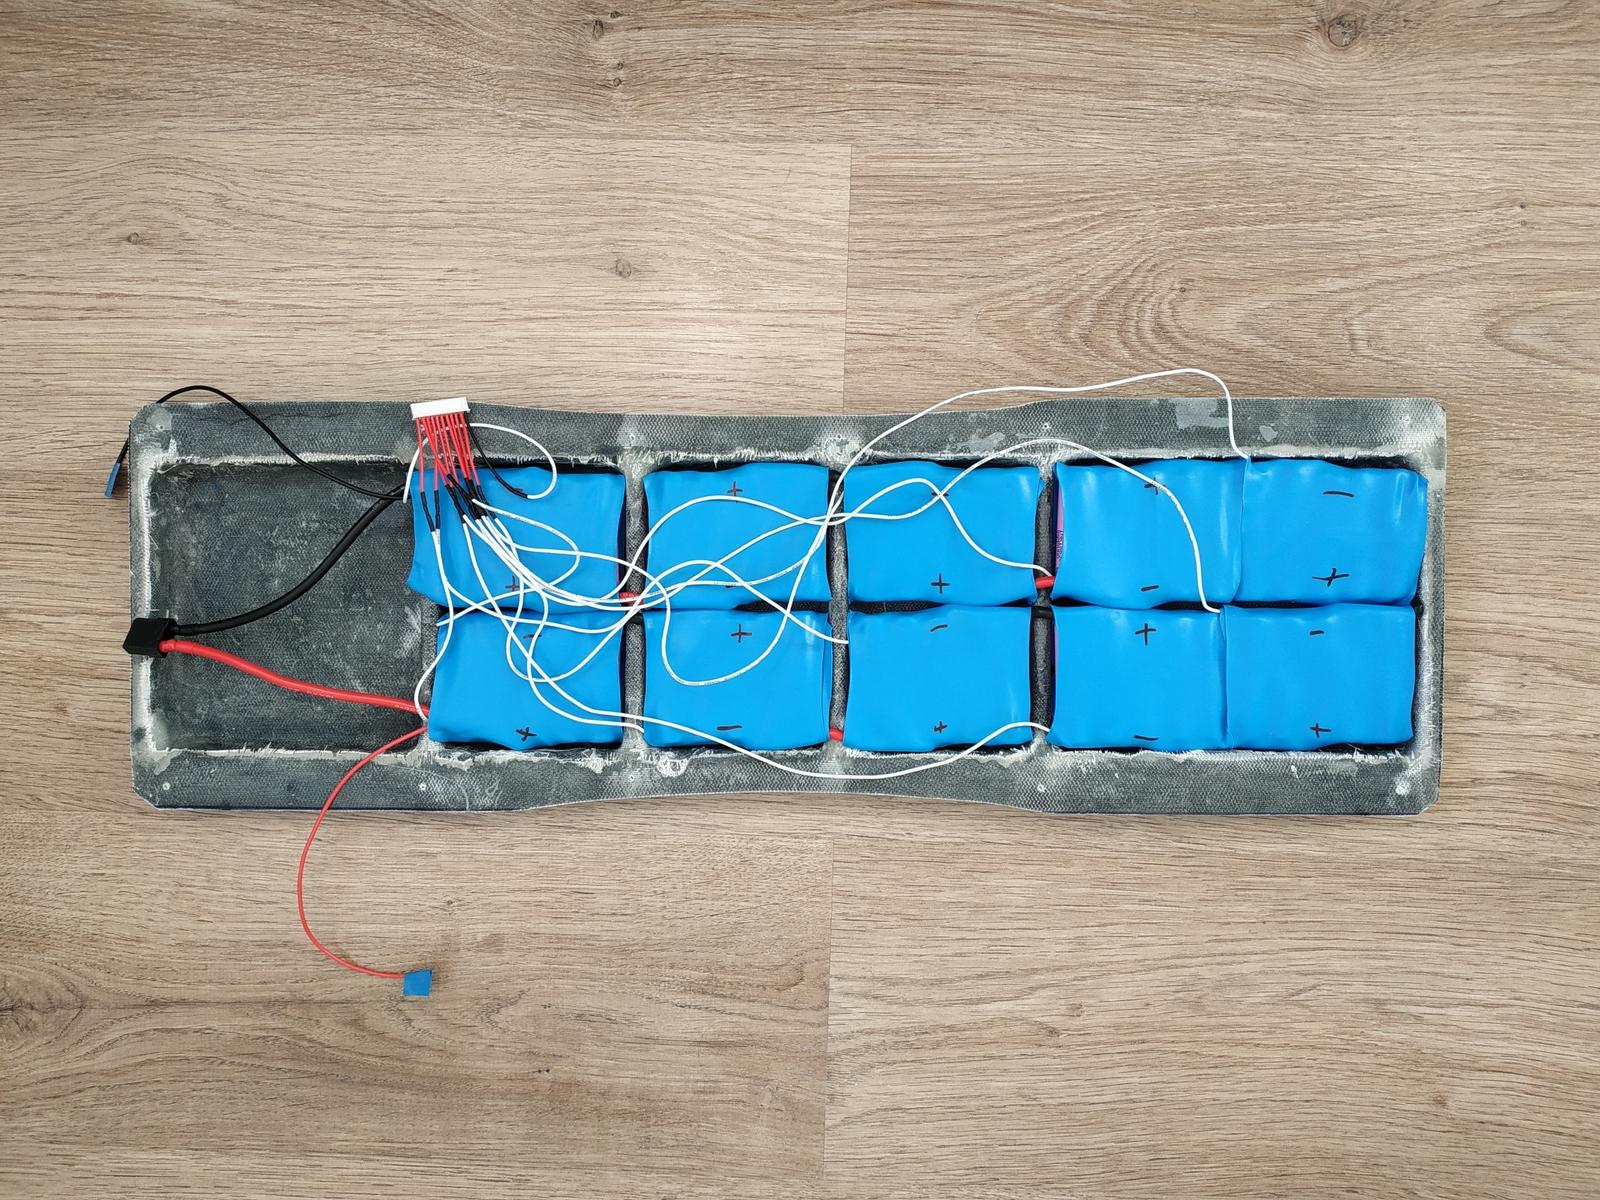 Электролонгборд своими руками. Маунтинборд. корпус, около, зубцов, мажем, сделано, который, сравнению, доска, Trampa, борда, нагрев, сильный, более, будет, Кронштейны, отсутствие, много, мотора, чтобы, минусов